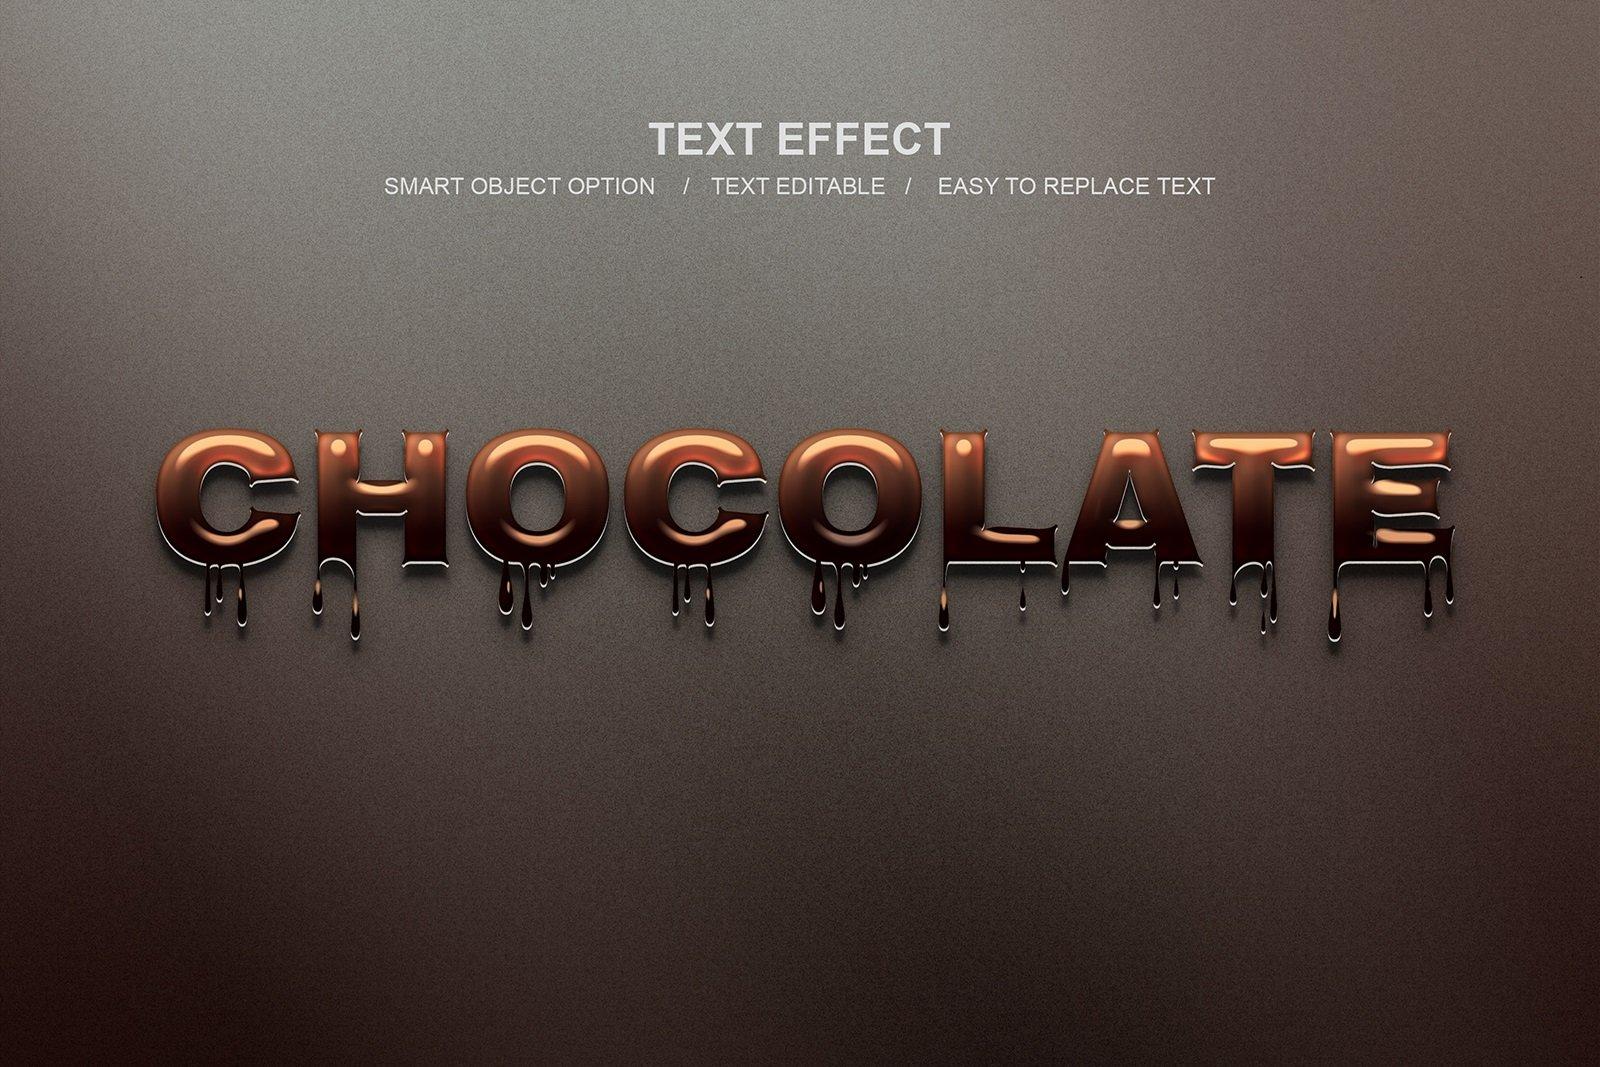 30款故障金属3D立体标题字体设计PS样式模板素材 Photoshop Layer Style Bundle插图(24)